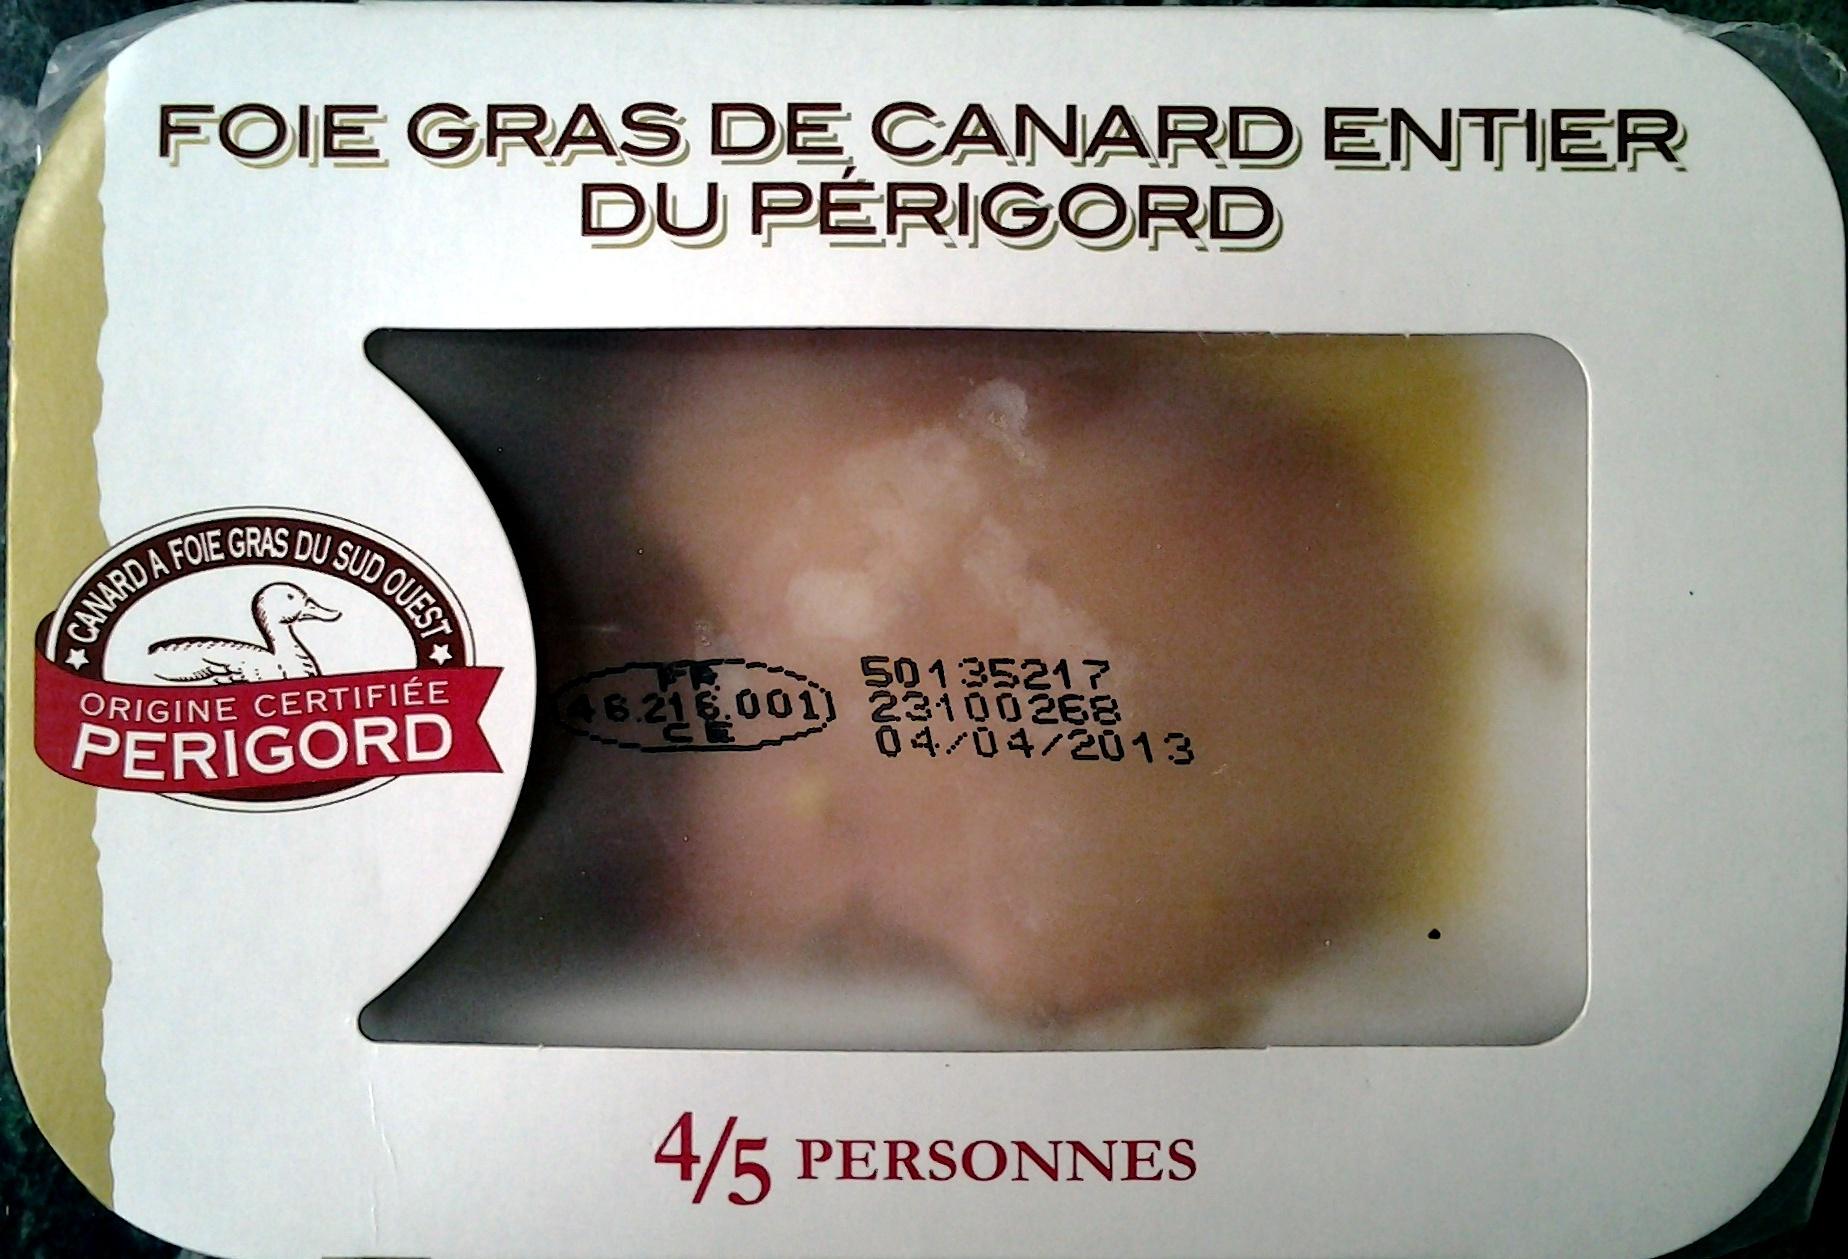 Foie gras de Canard entier du Périgord - Produit - fr